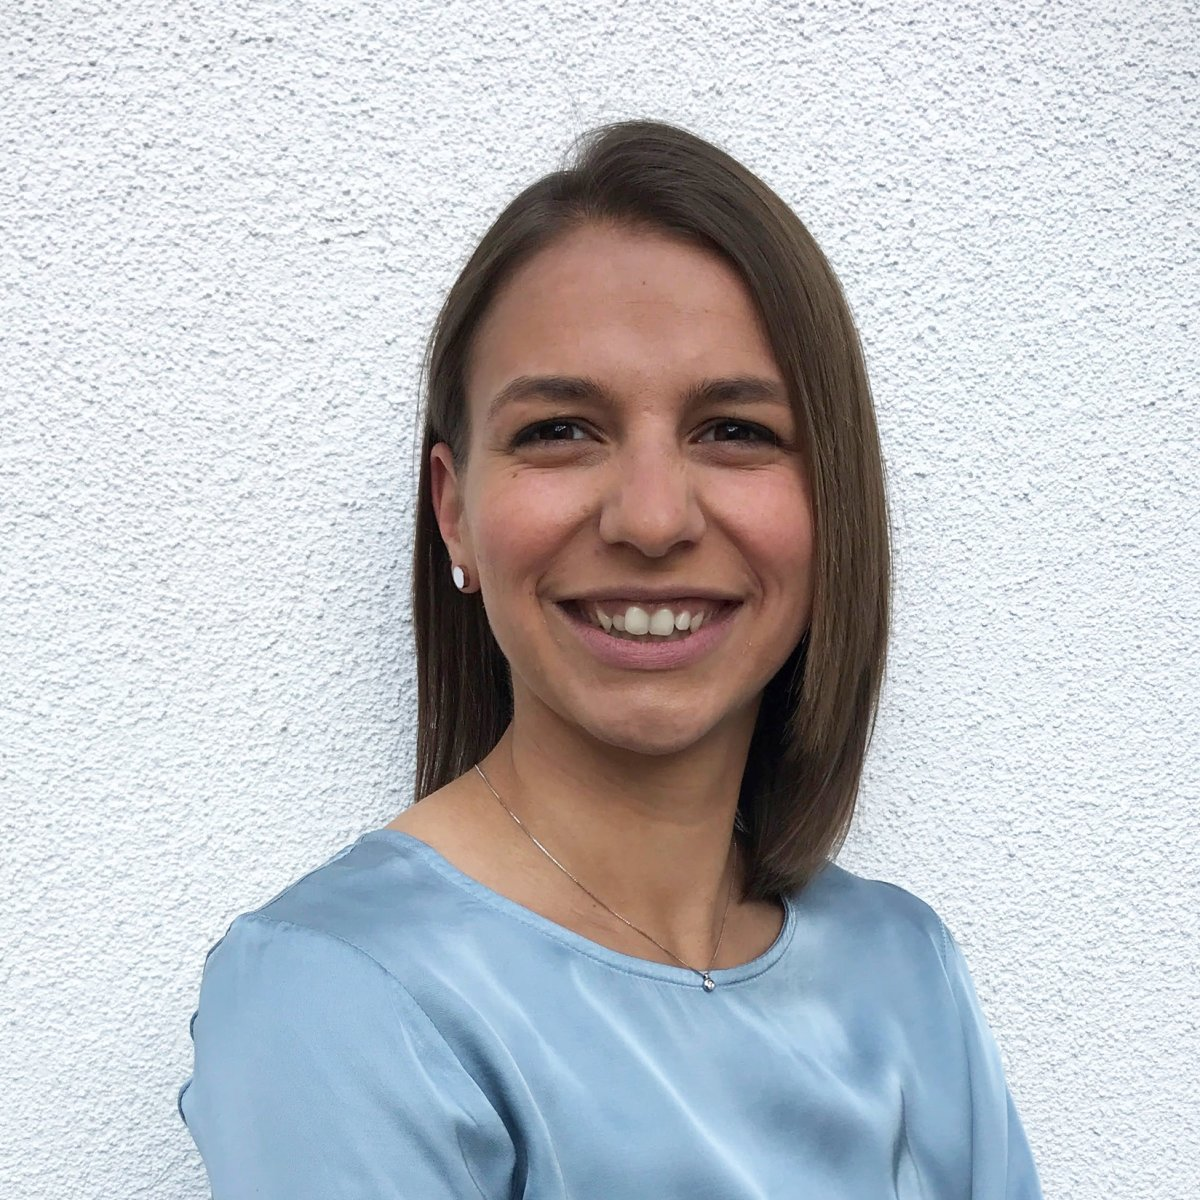 Paula Ladstätter